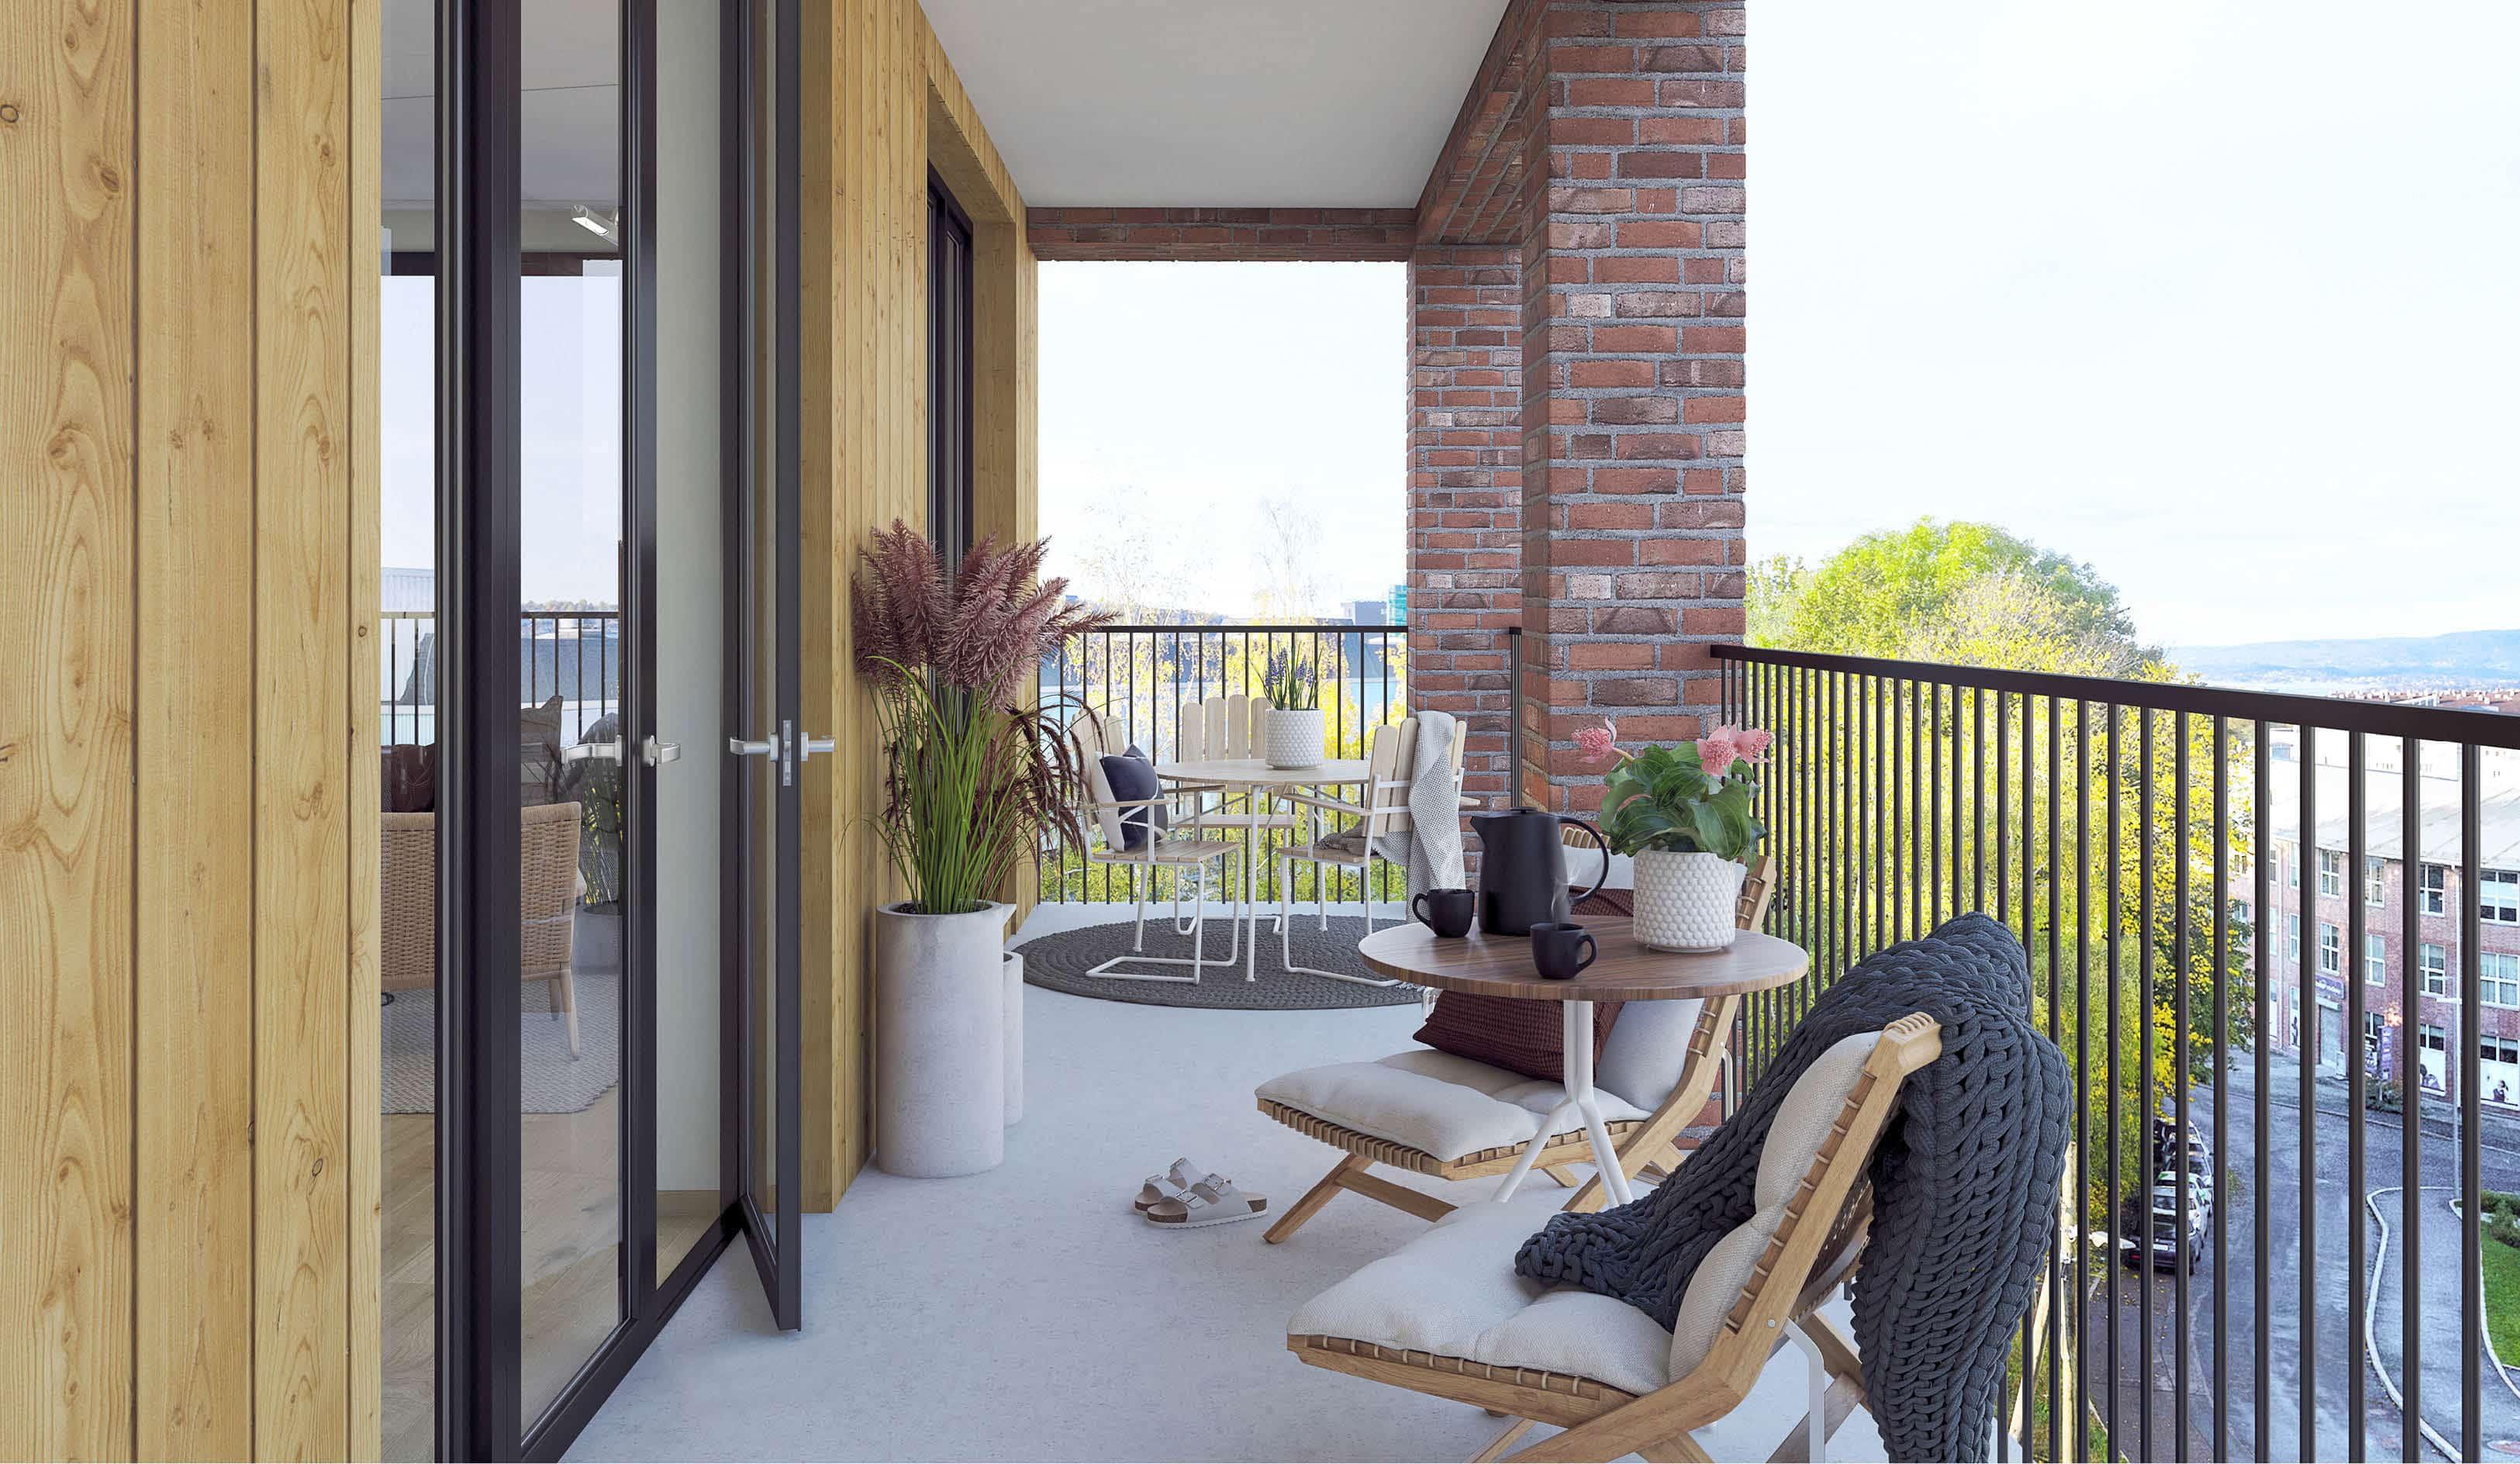 Malerhaugveien 25 balkong